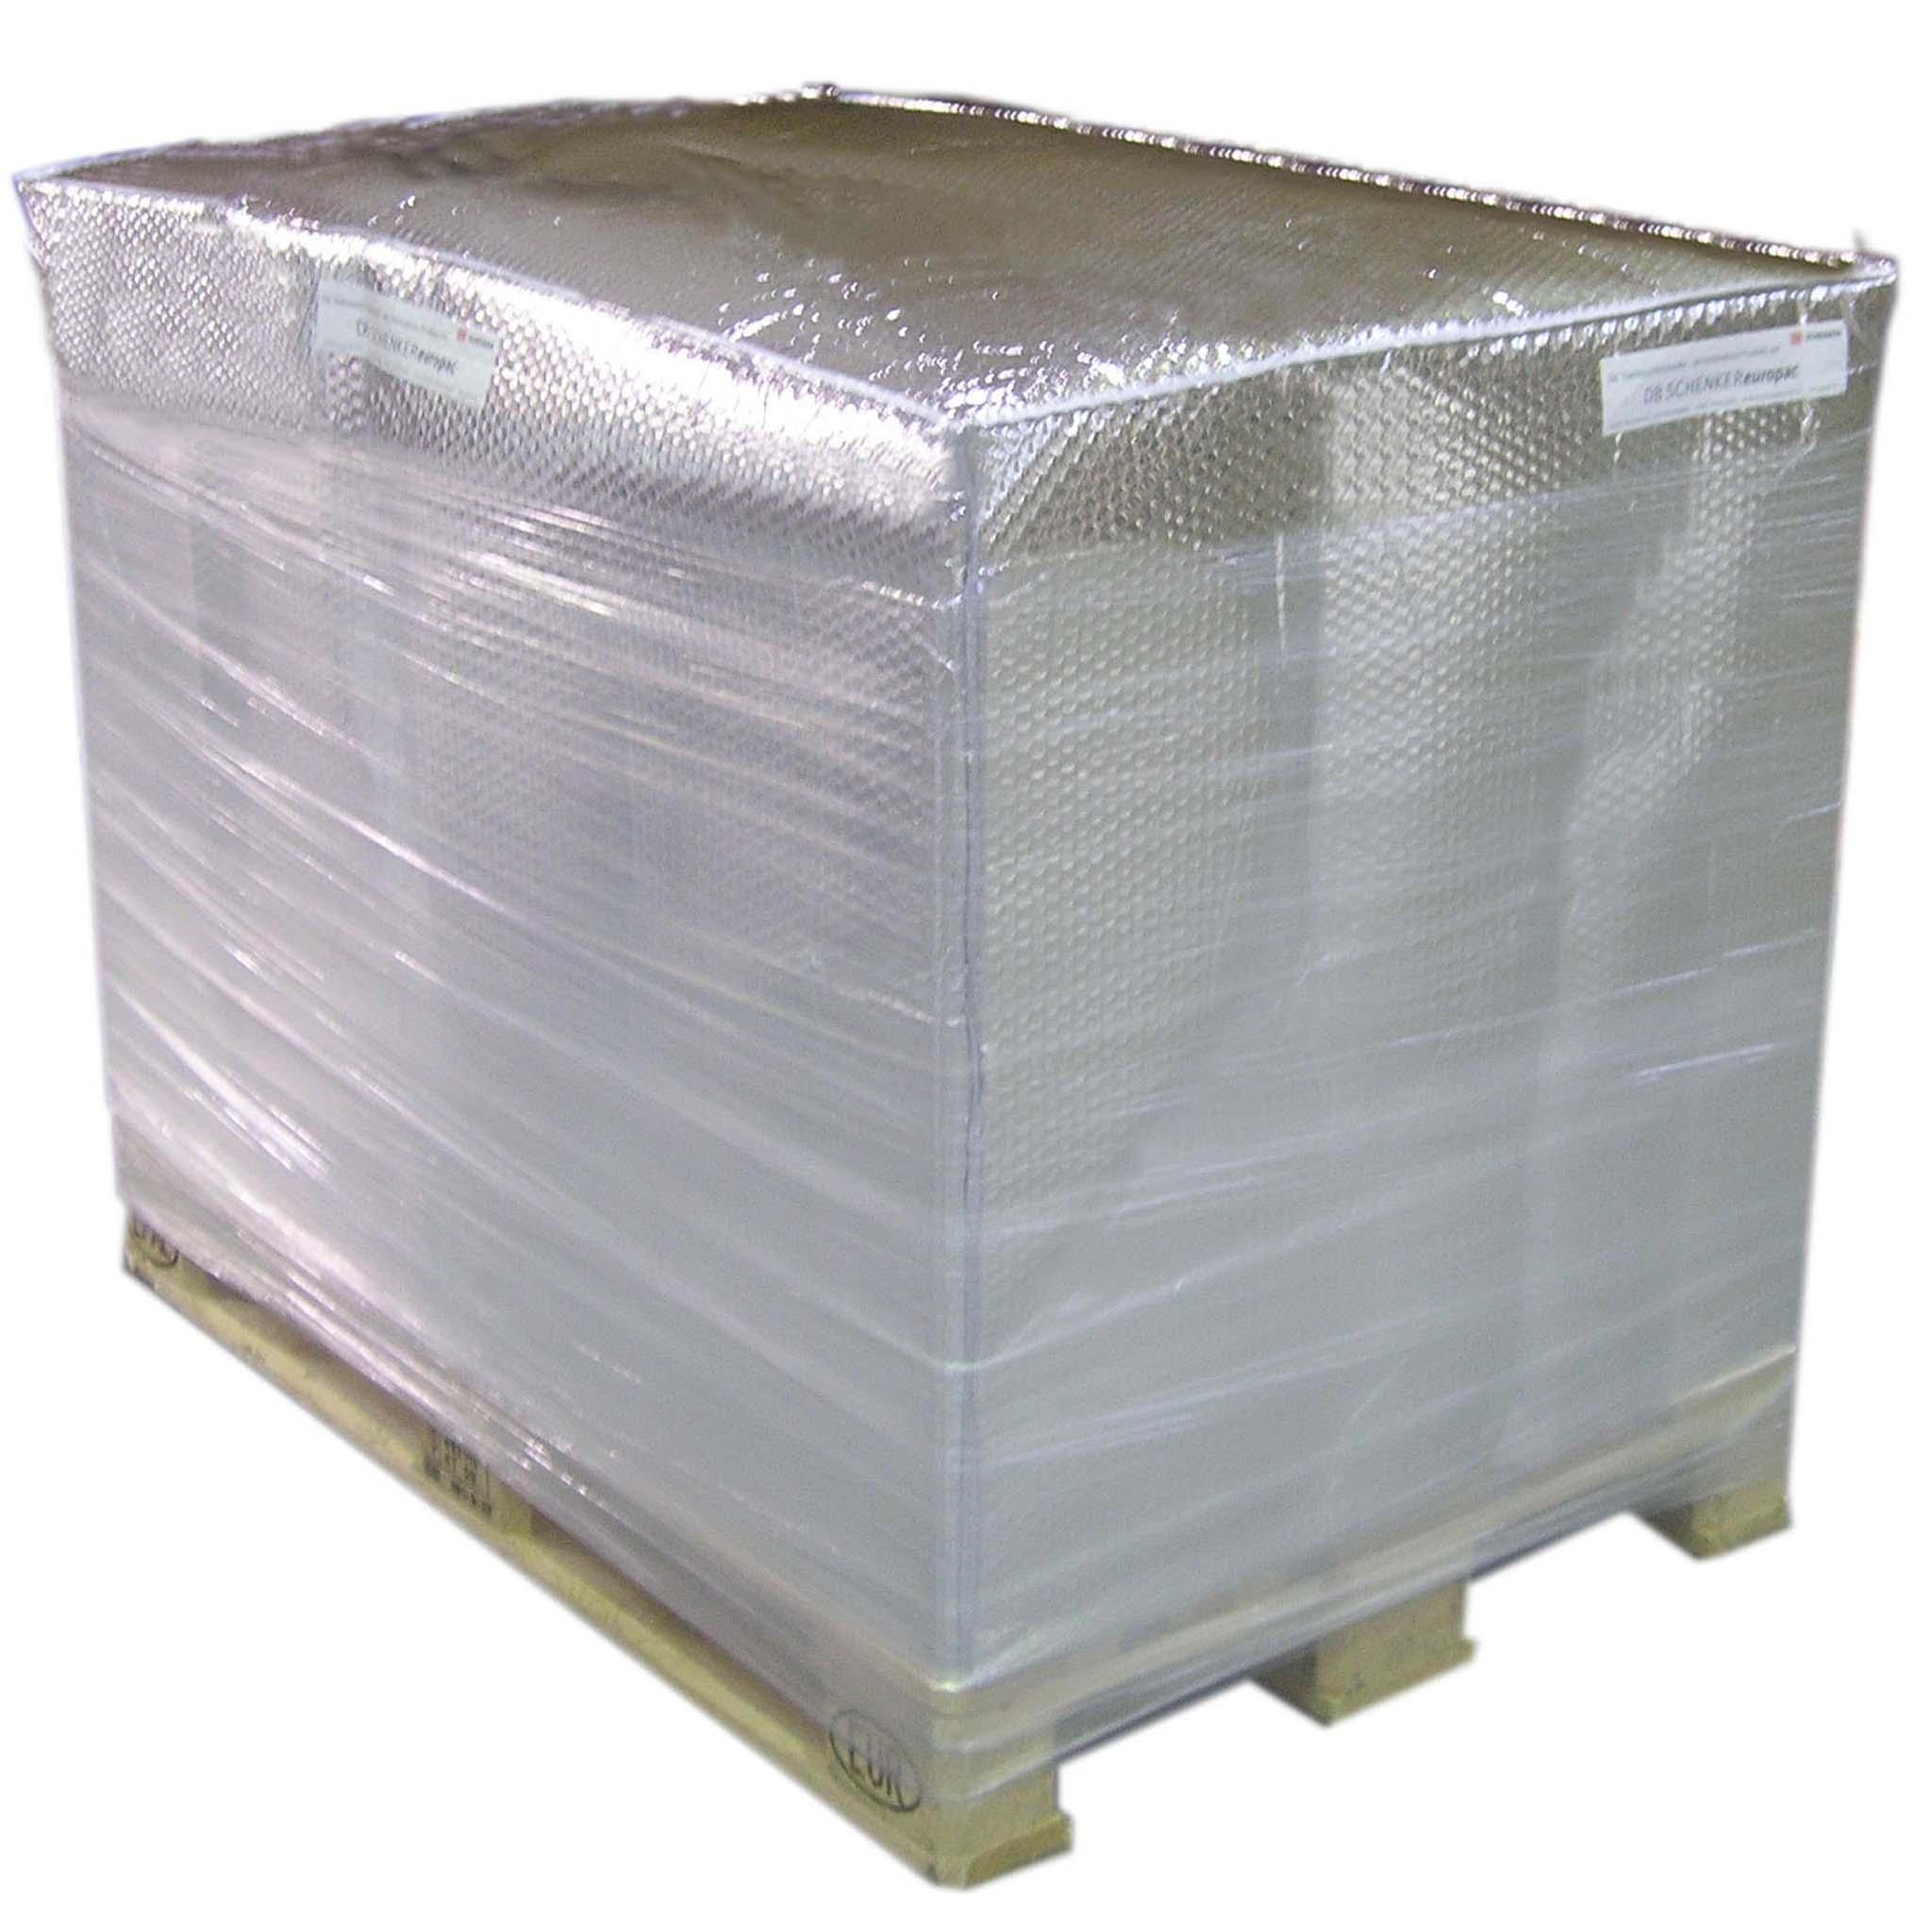 Thermoschutz für Paletten |  800 X 600 X 1.200 mm